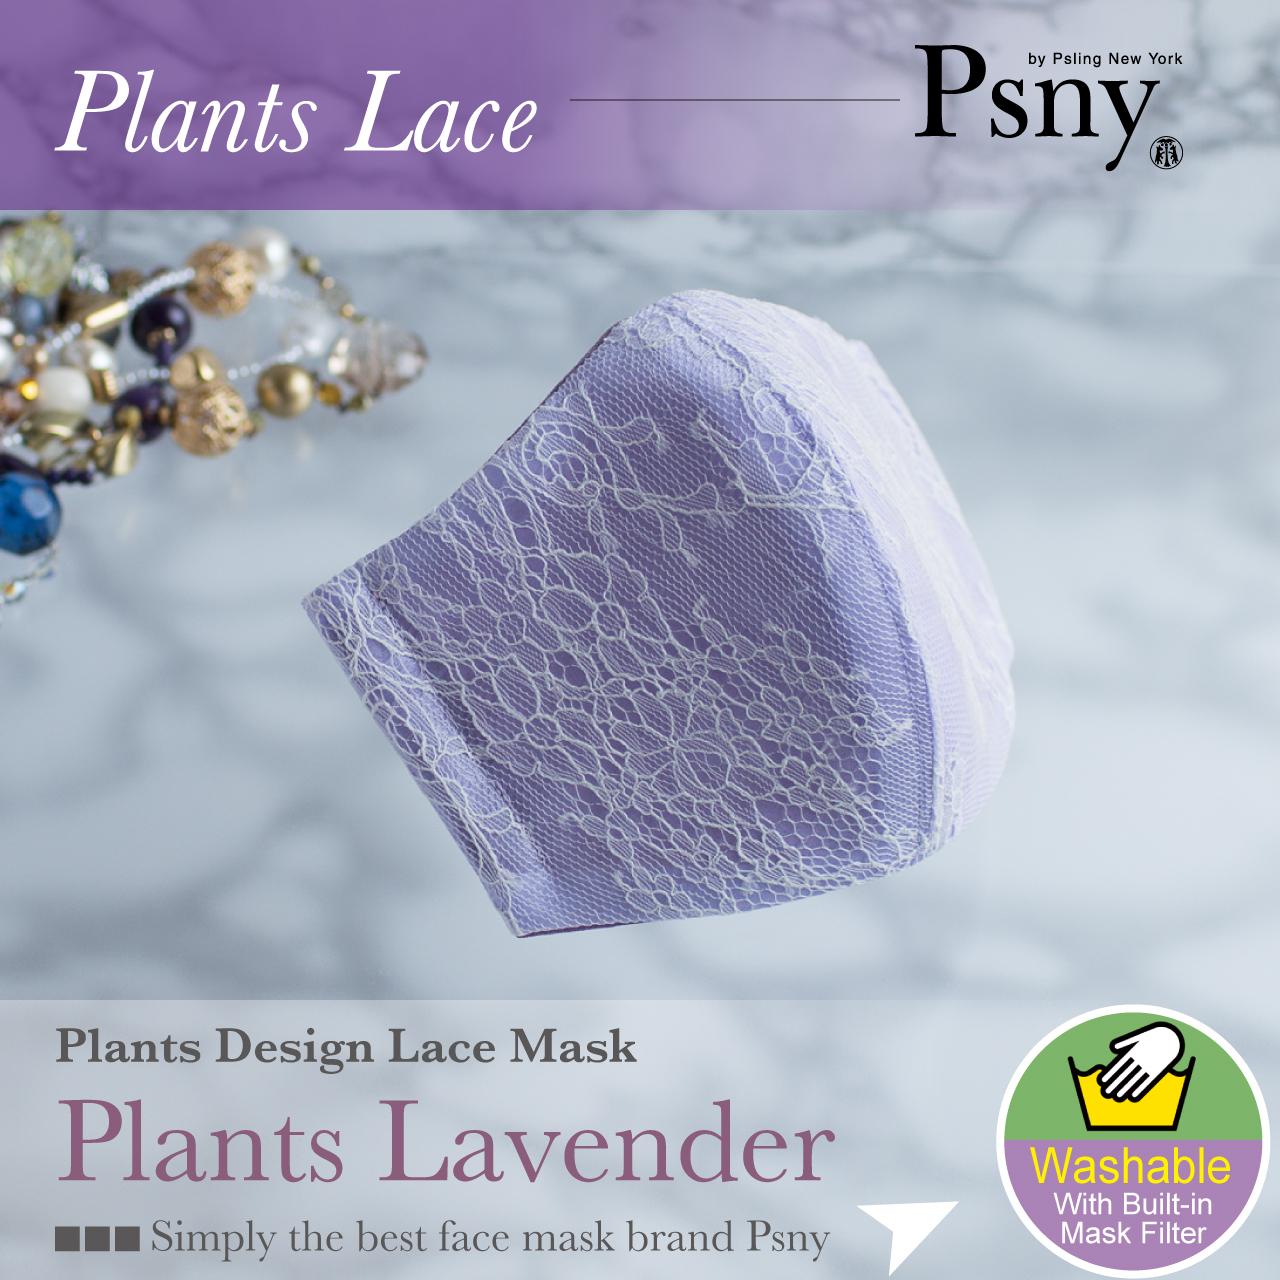 PSNY プランツ レース・ラベンダー 洗える不織布フィルター入り 立体 大人用 マスク 送料無料 PL1